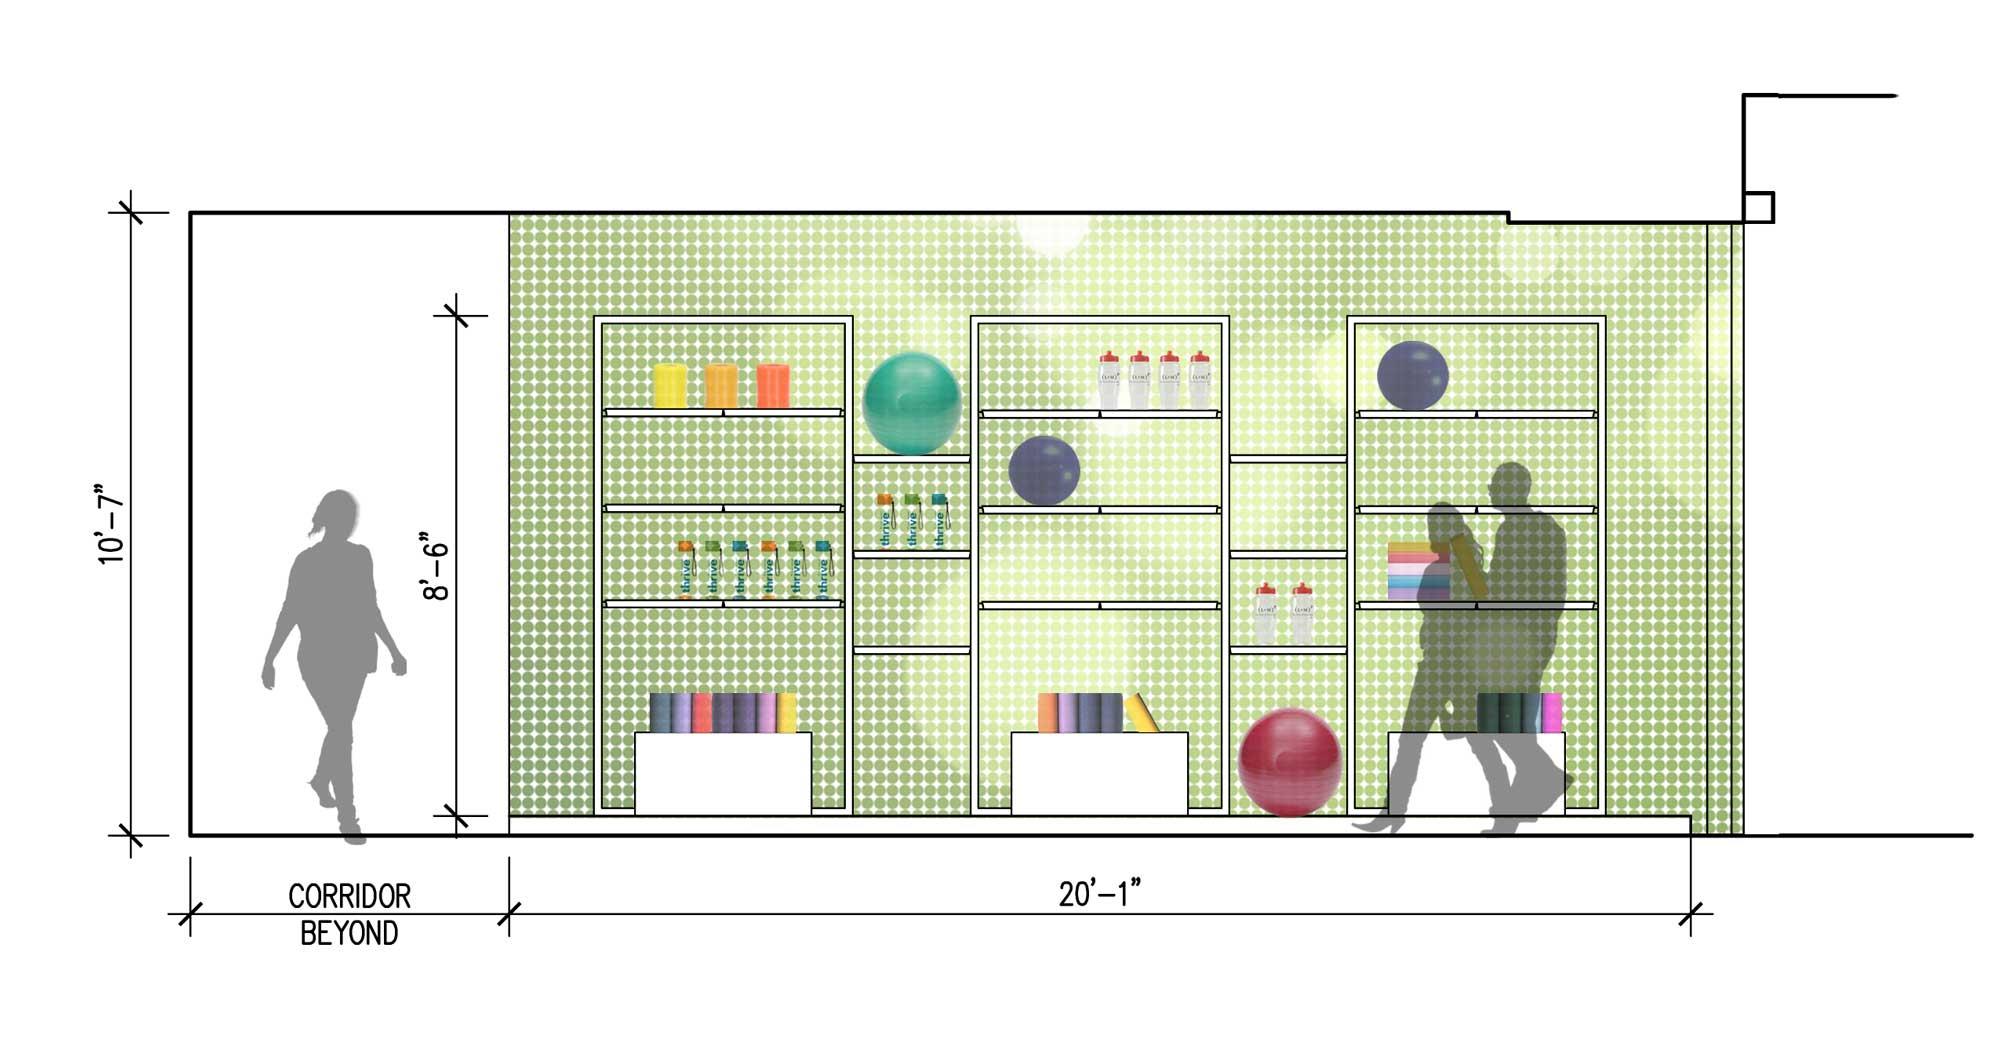 tsao-kp-tech-healthy-living-retail-elev-01.jpg